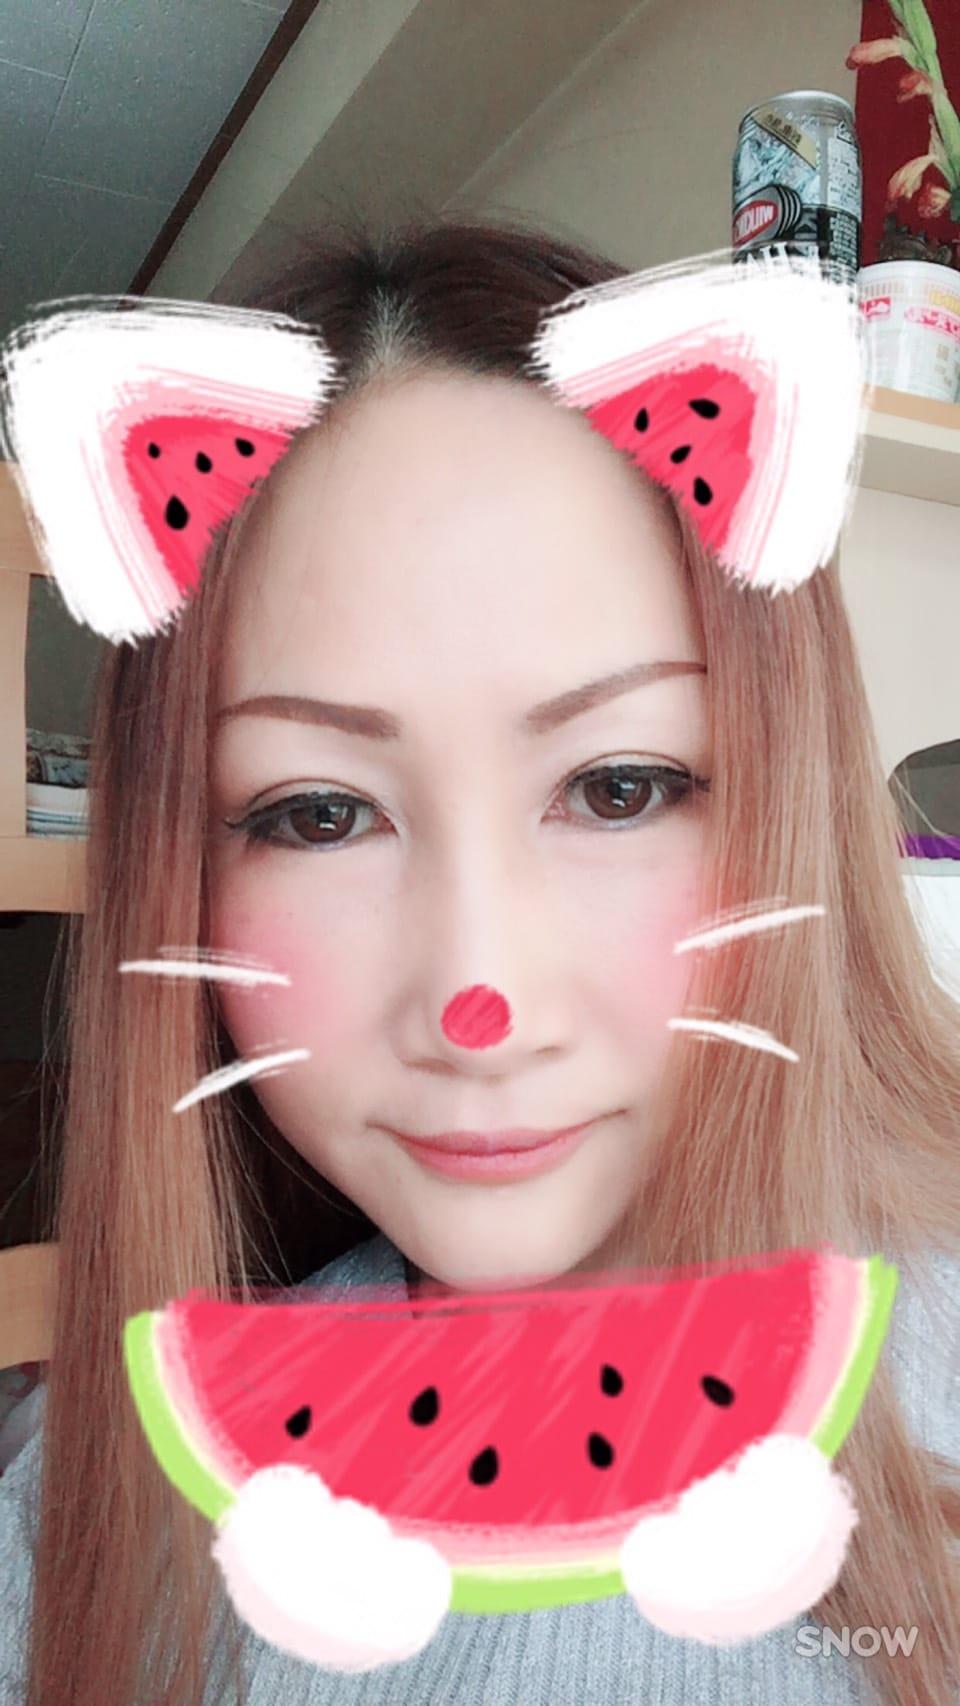 「こんにちは♪」06/13(水) 13:46 | ユイの写メ・風俗動画